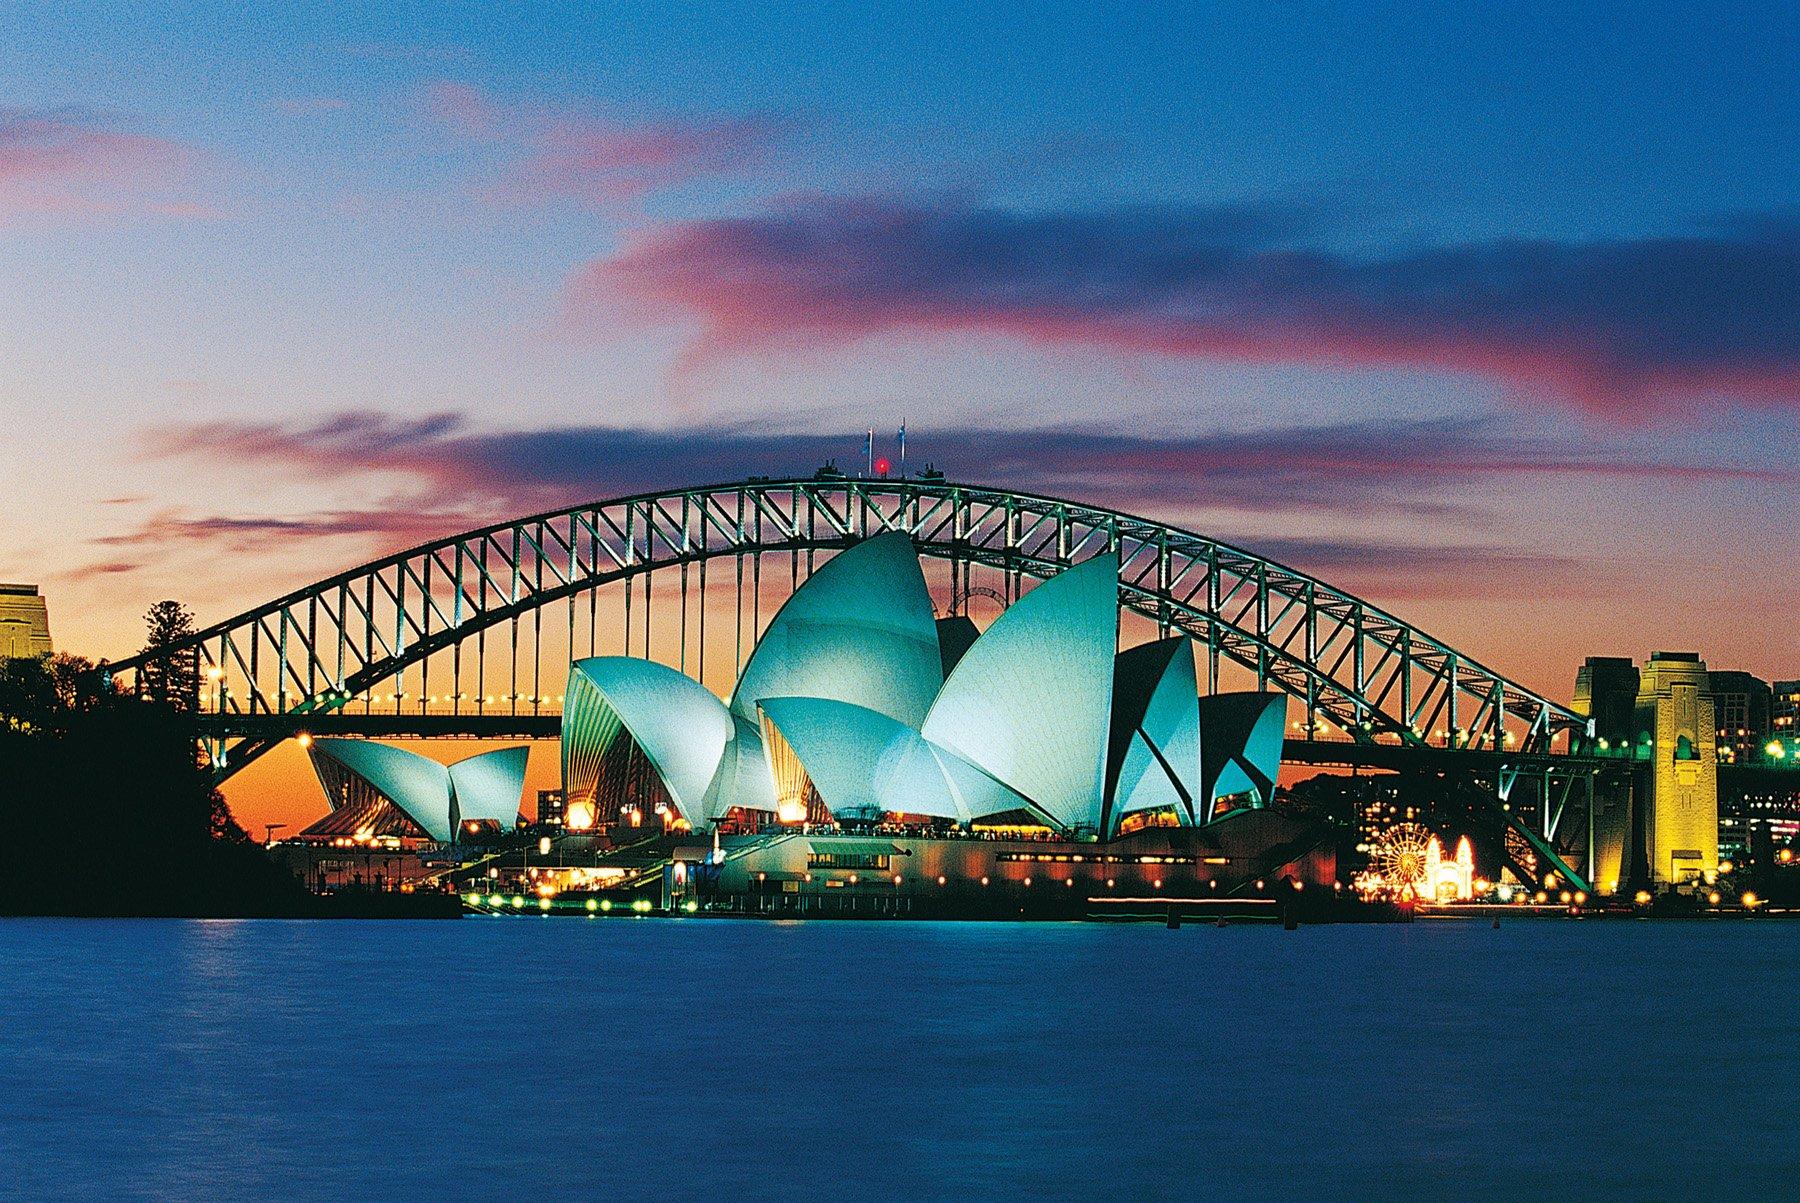 Яагаад Австрали улсад суралцах хэрэгтэй вэ?